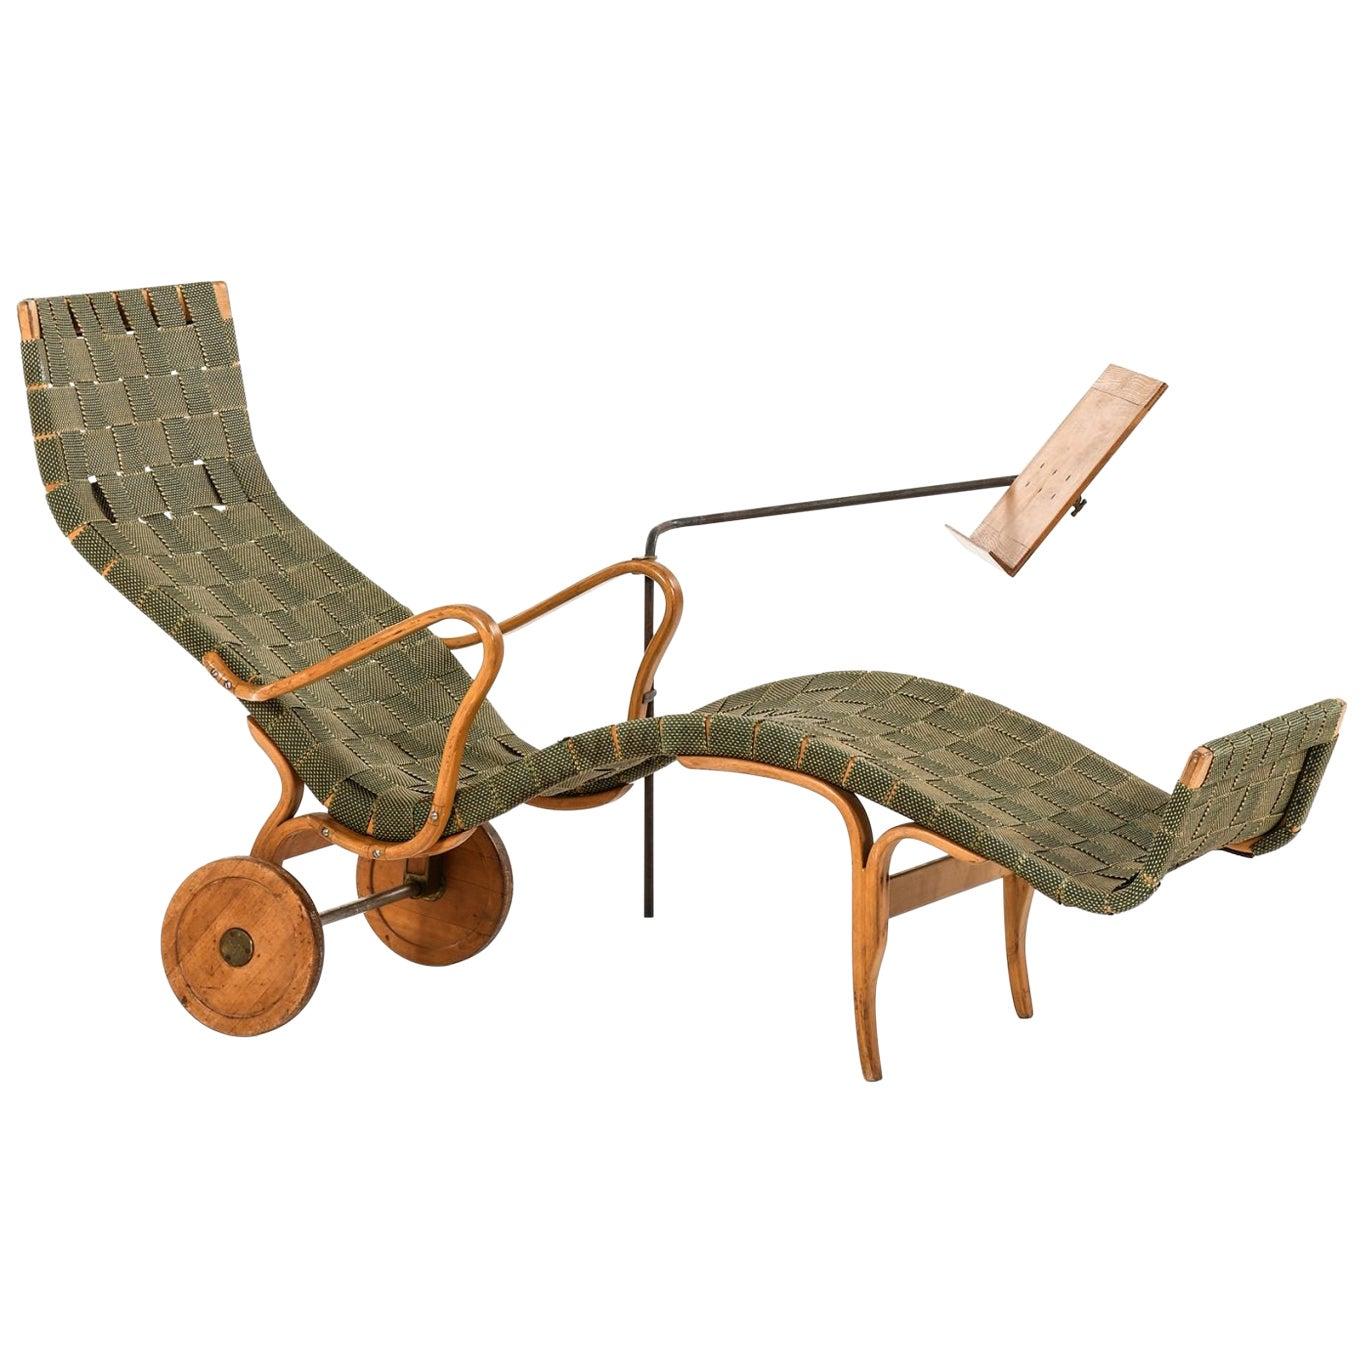 Bruno Mathsson Lounge Chair Model Pernilla Produced by Karl Mathsson in Värnamo